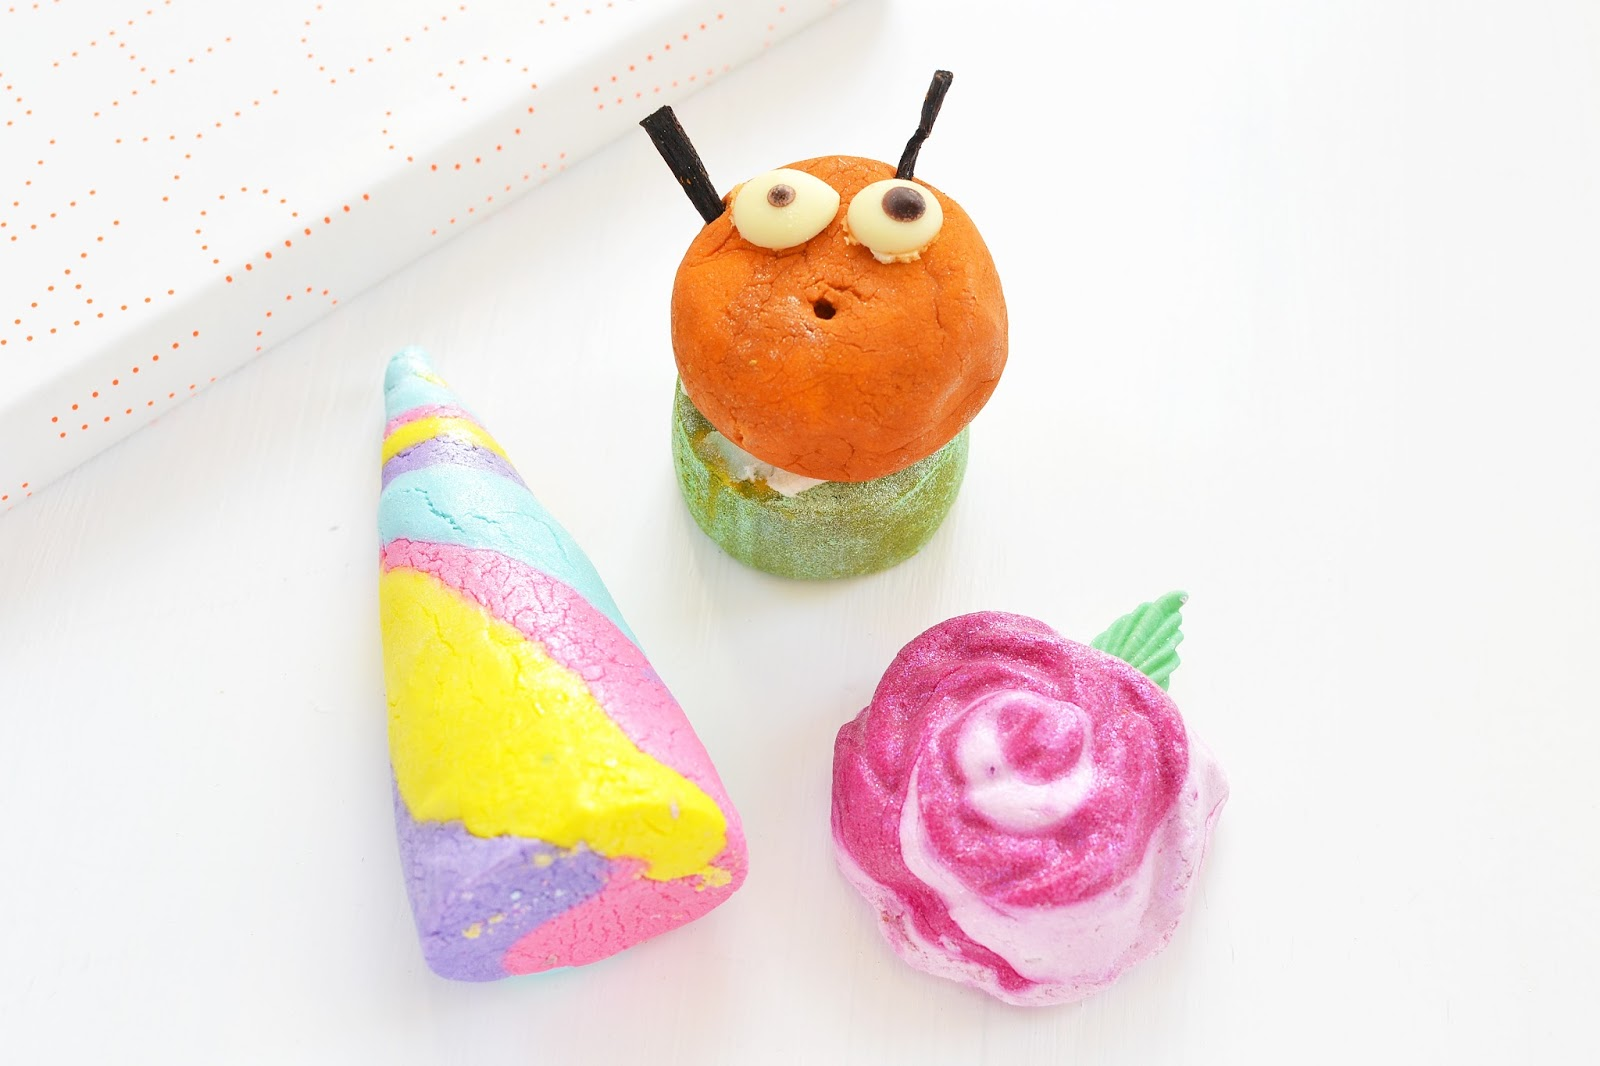 LUSH bubble bars, lush bubbleroon, lush unicorn horn, rose bubble bar